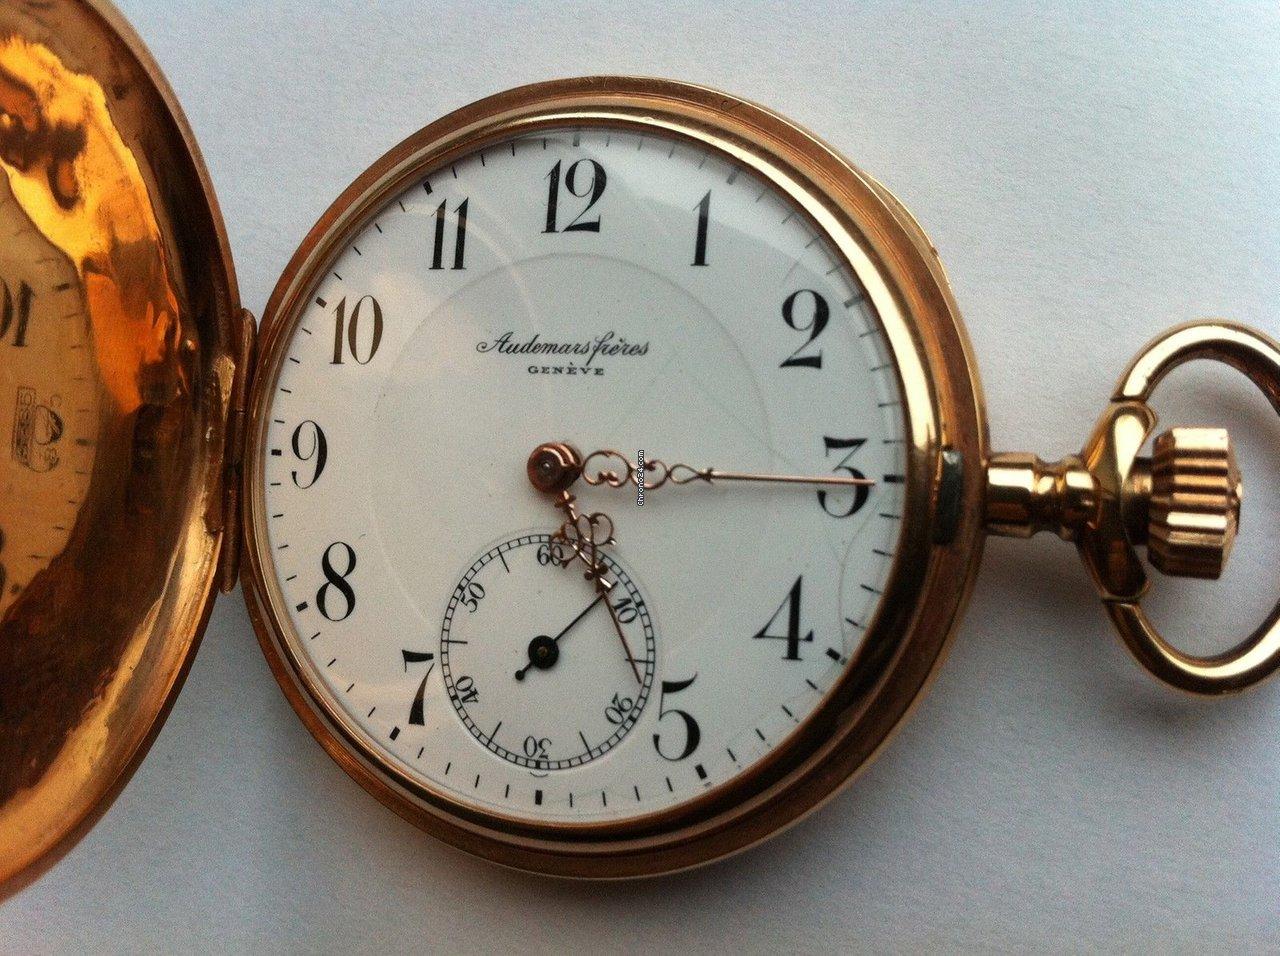 AUDEMARS FRERES Brassus Amp Geneve Taschenuhr 14k Rose Gold